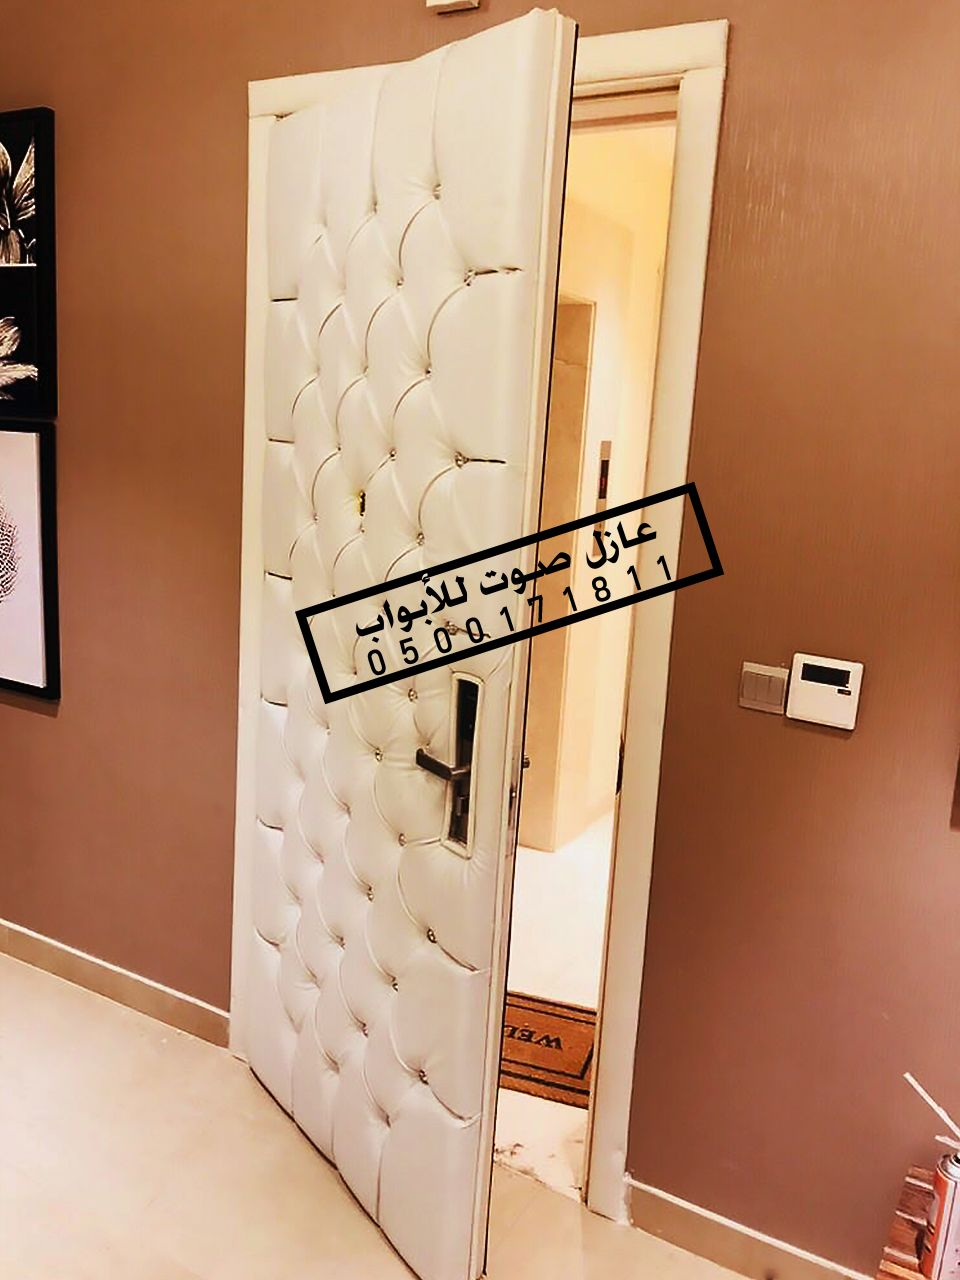 عازل للأبواب ضد الصوت و الغبار و الحرارة و الرطوبة و الروائح Wall Lights Decor Home Decor